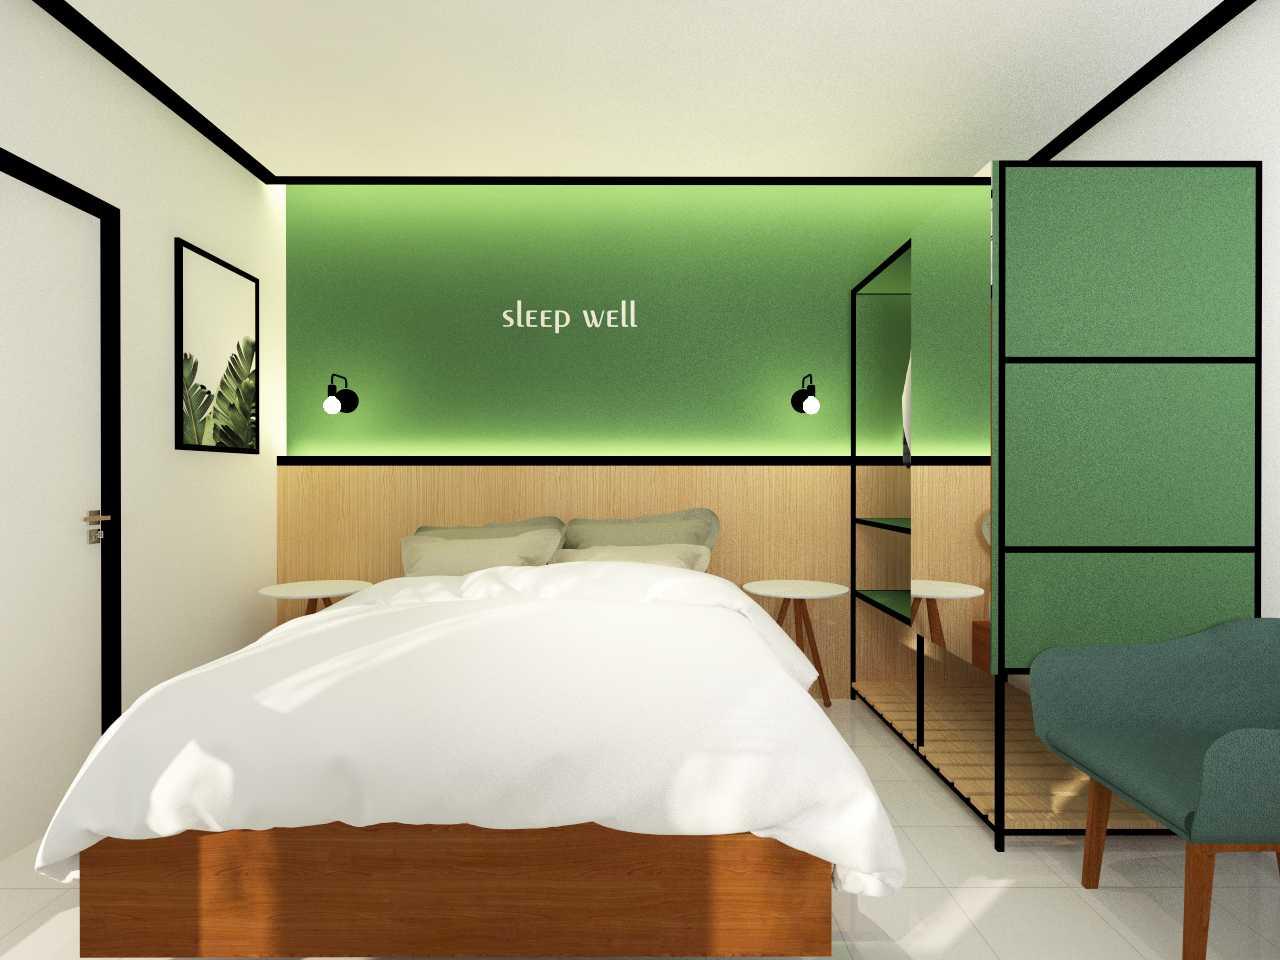 Sekala Panorama Inn Guesthouse Batu, Kec. Batu, Kota Batu, Jawa Timur, Indonesia Batu, Kec. Batu, Kota Batu, Jawa Timur, Indonesia Sekala-Panorama-Inn-Guesthouse Modern 74499